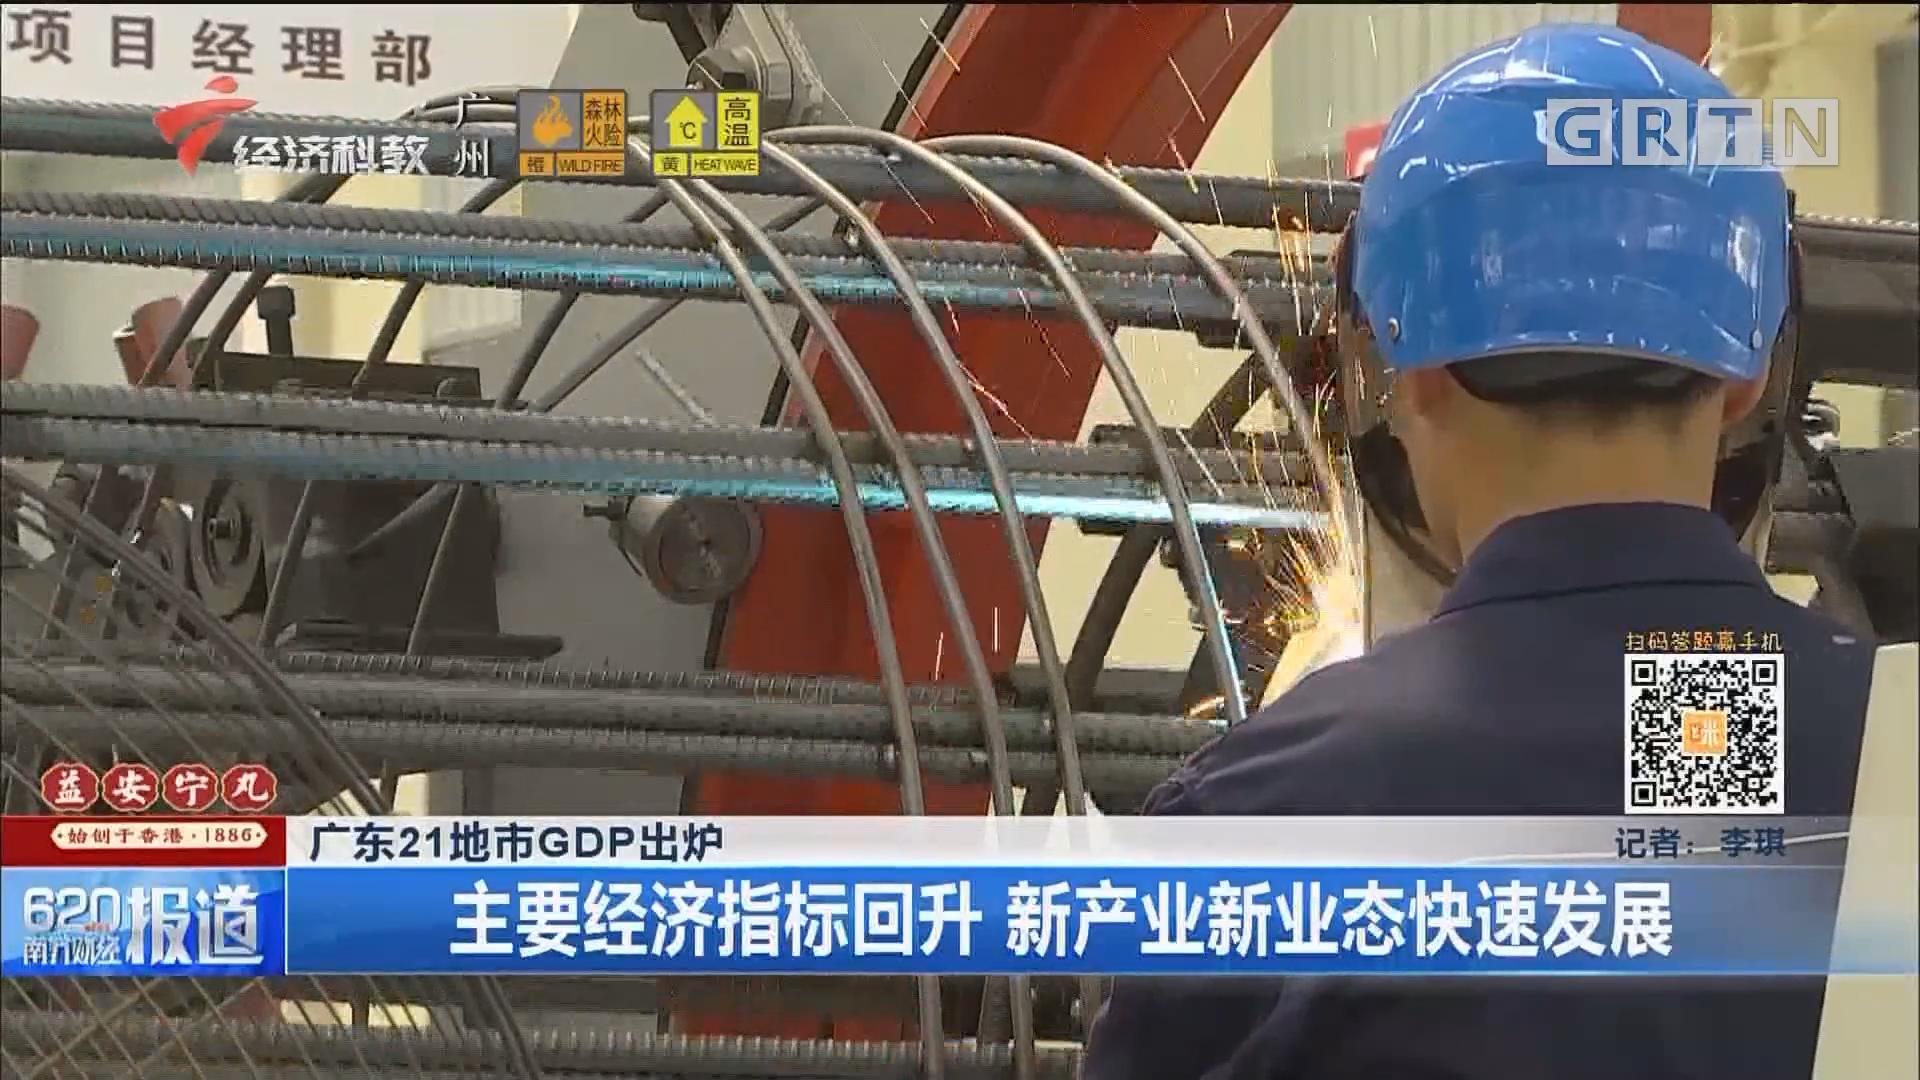 廣東21地市GDP出爐 主要經濟指標回升 新產業新業態快速發展